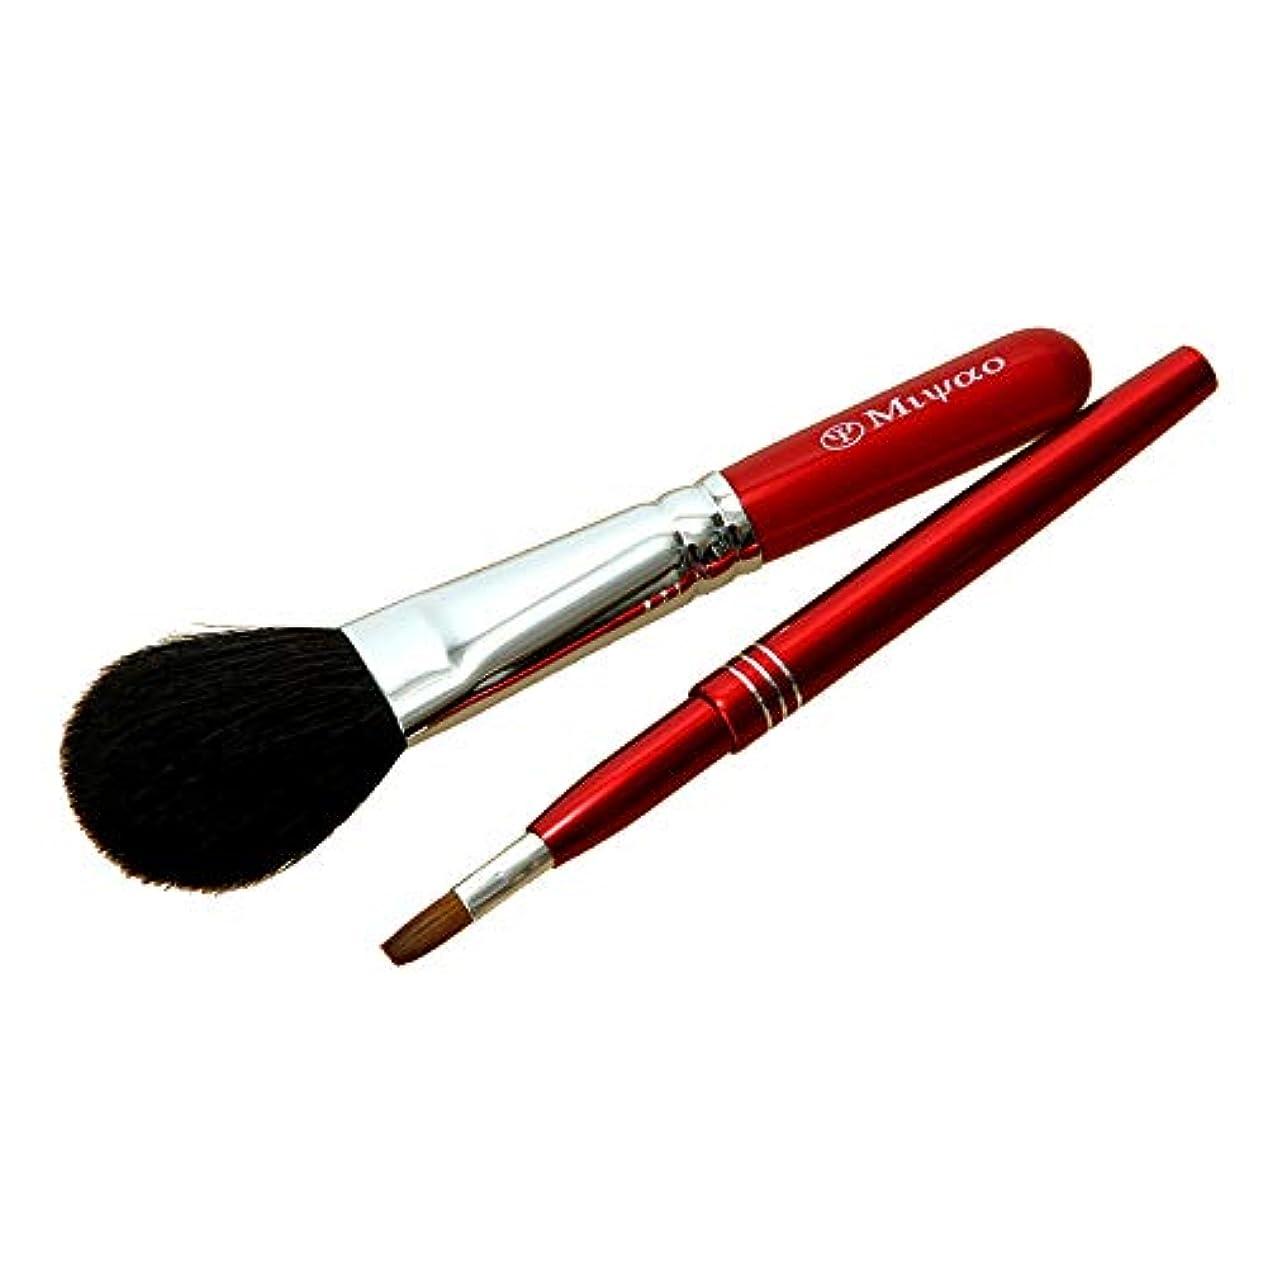 オン親密な内側熊野化粧筆 化粧ブラシ メイクブラシ2点セット チークブラシ&携帯リップブラシ レッドパール色